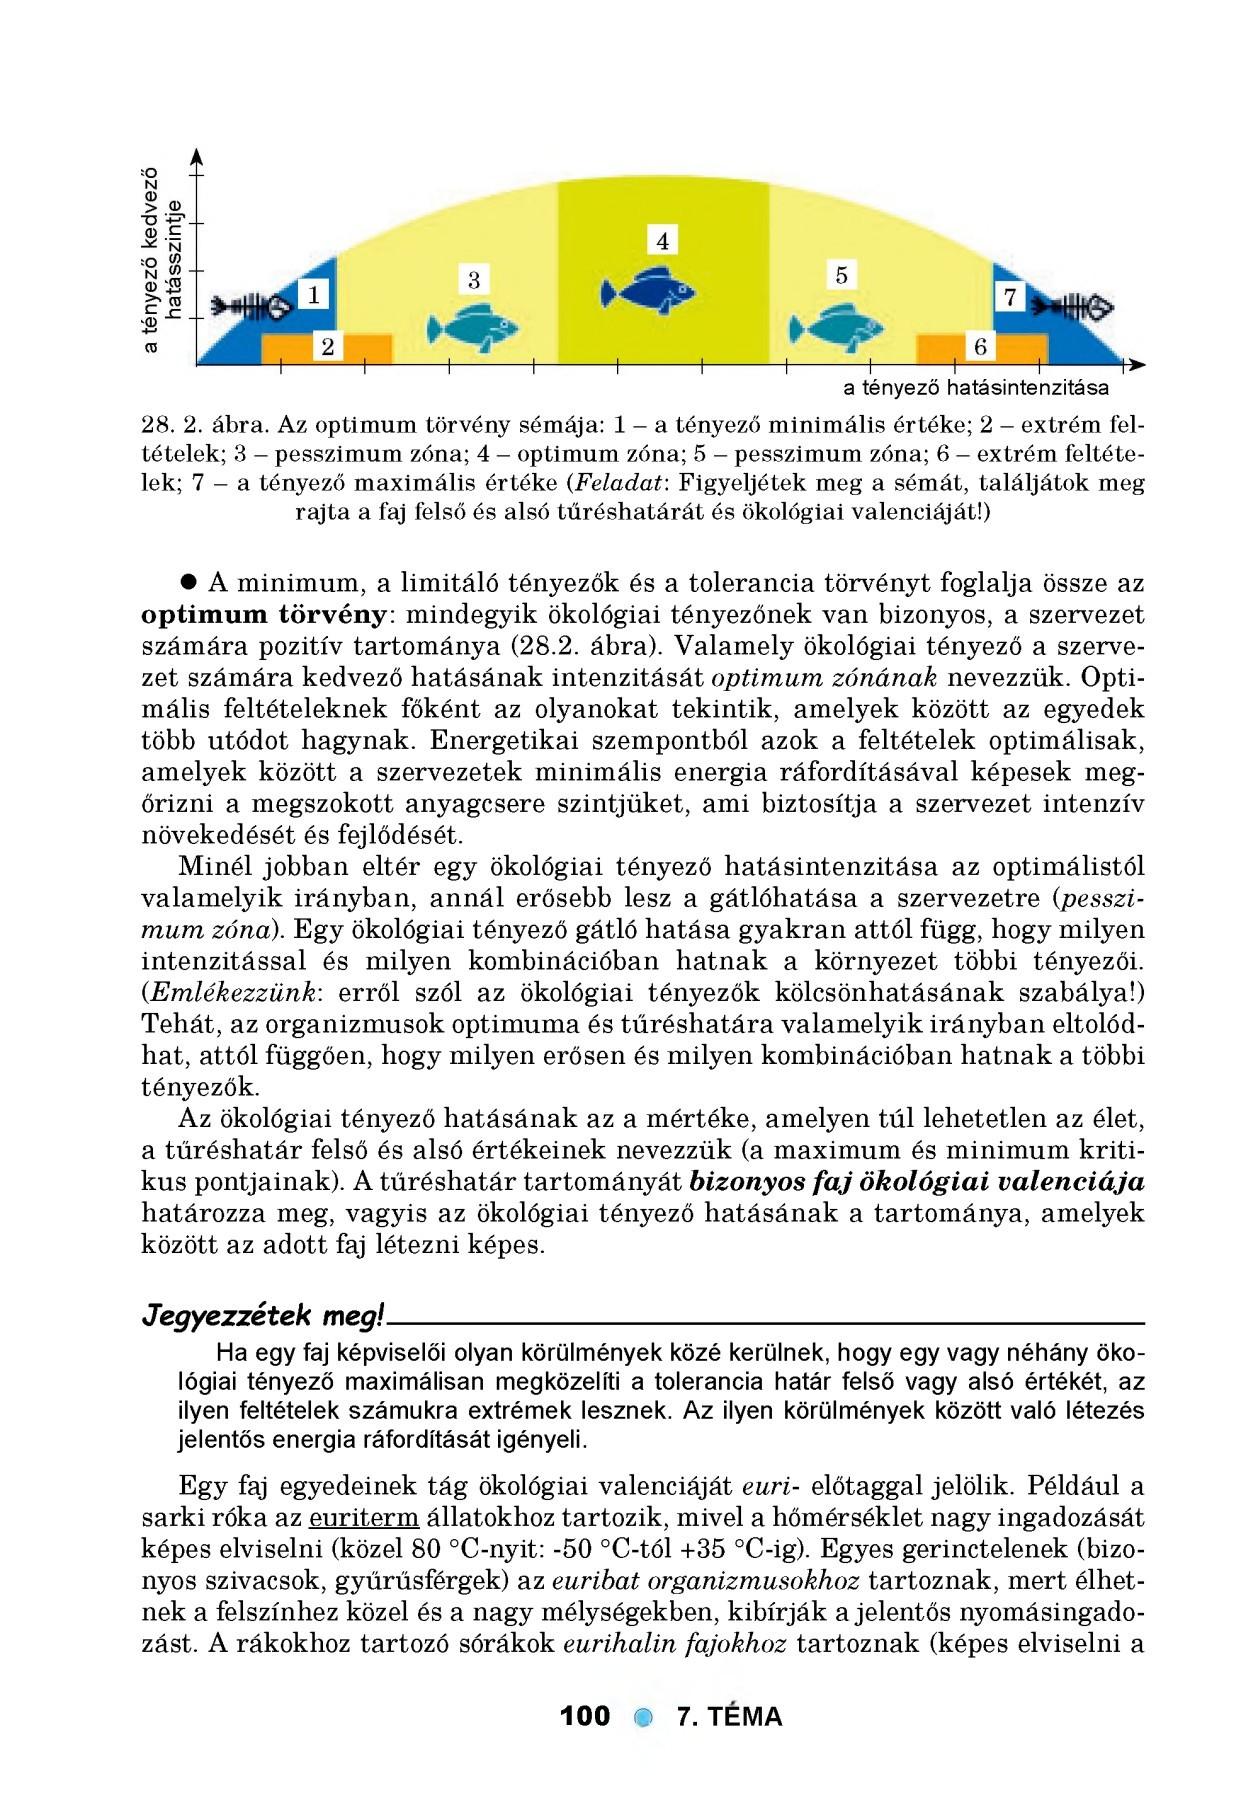 az emberek férgek megelőzésére szolgáló eszközök)